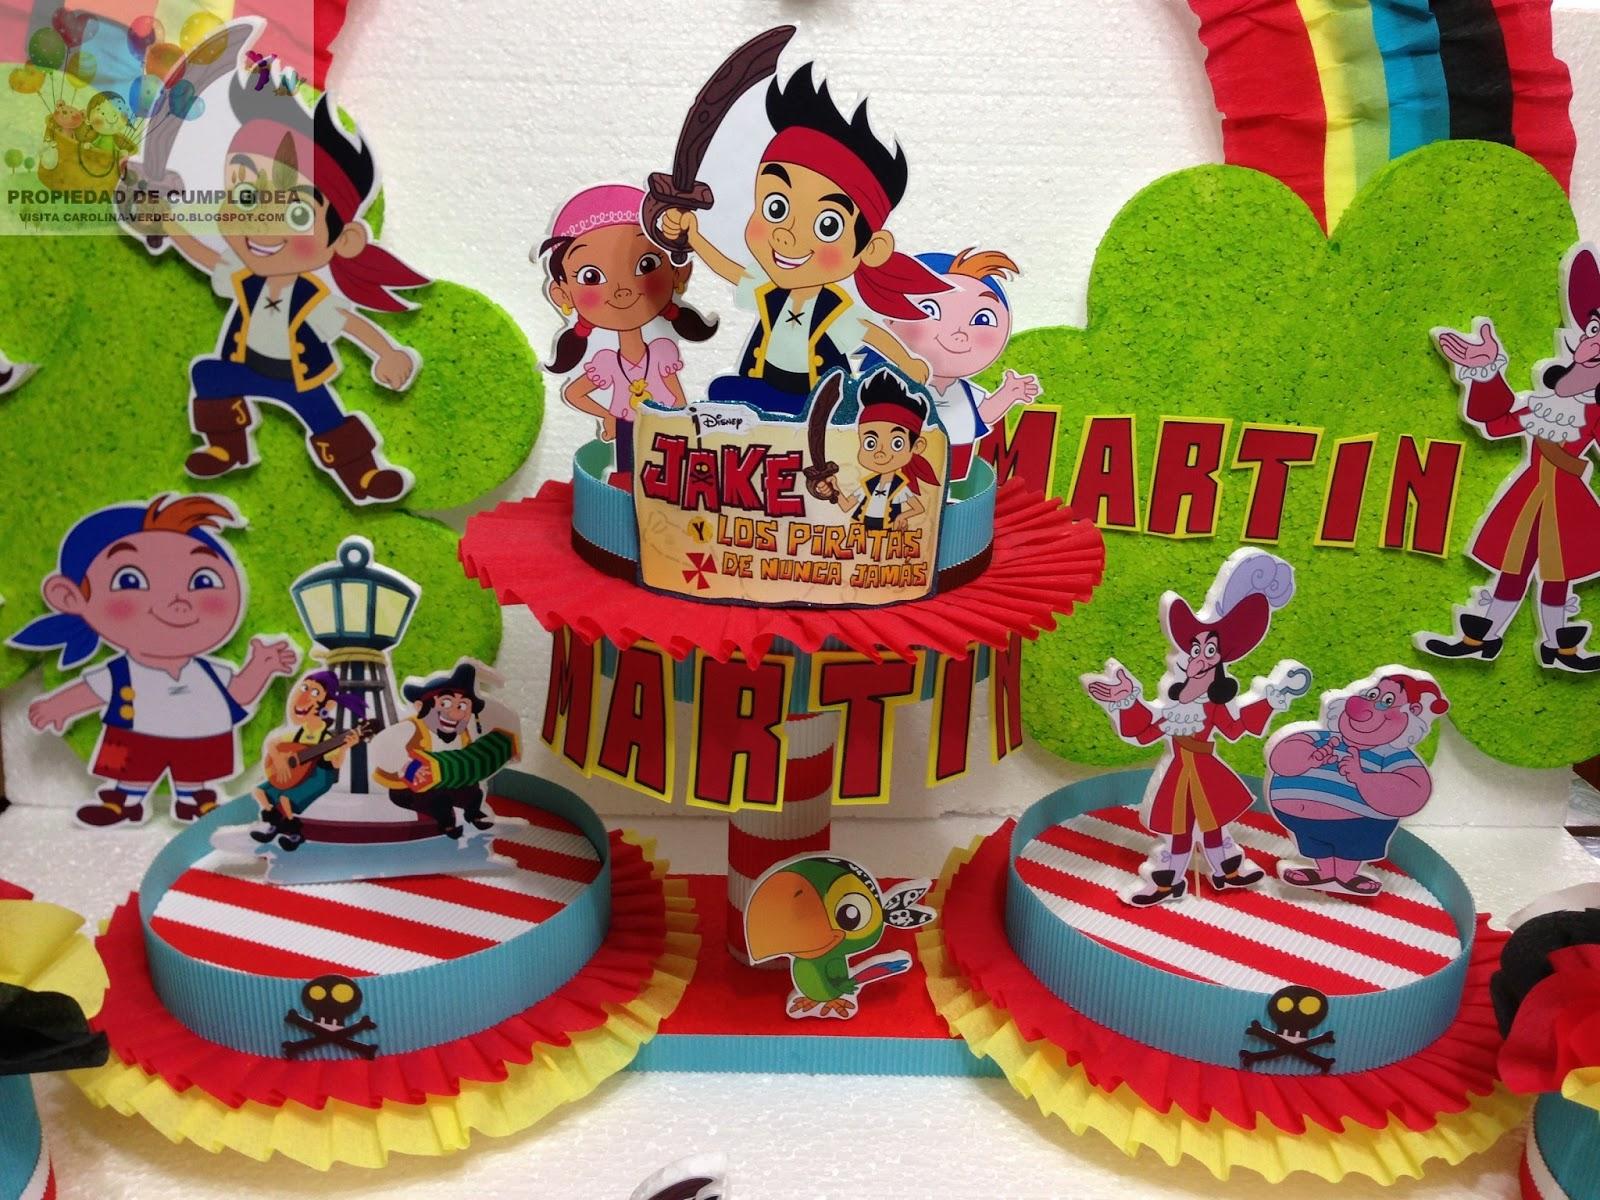 Decoraciones de fiestas para imprimir   Imagenes para